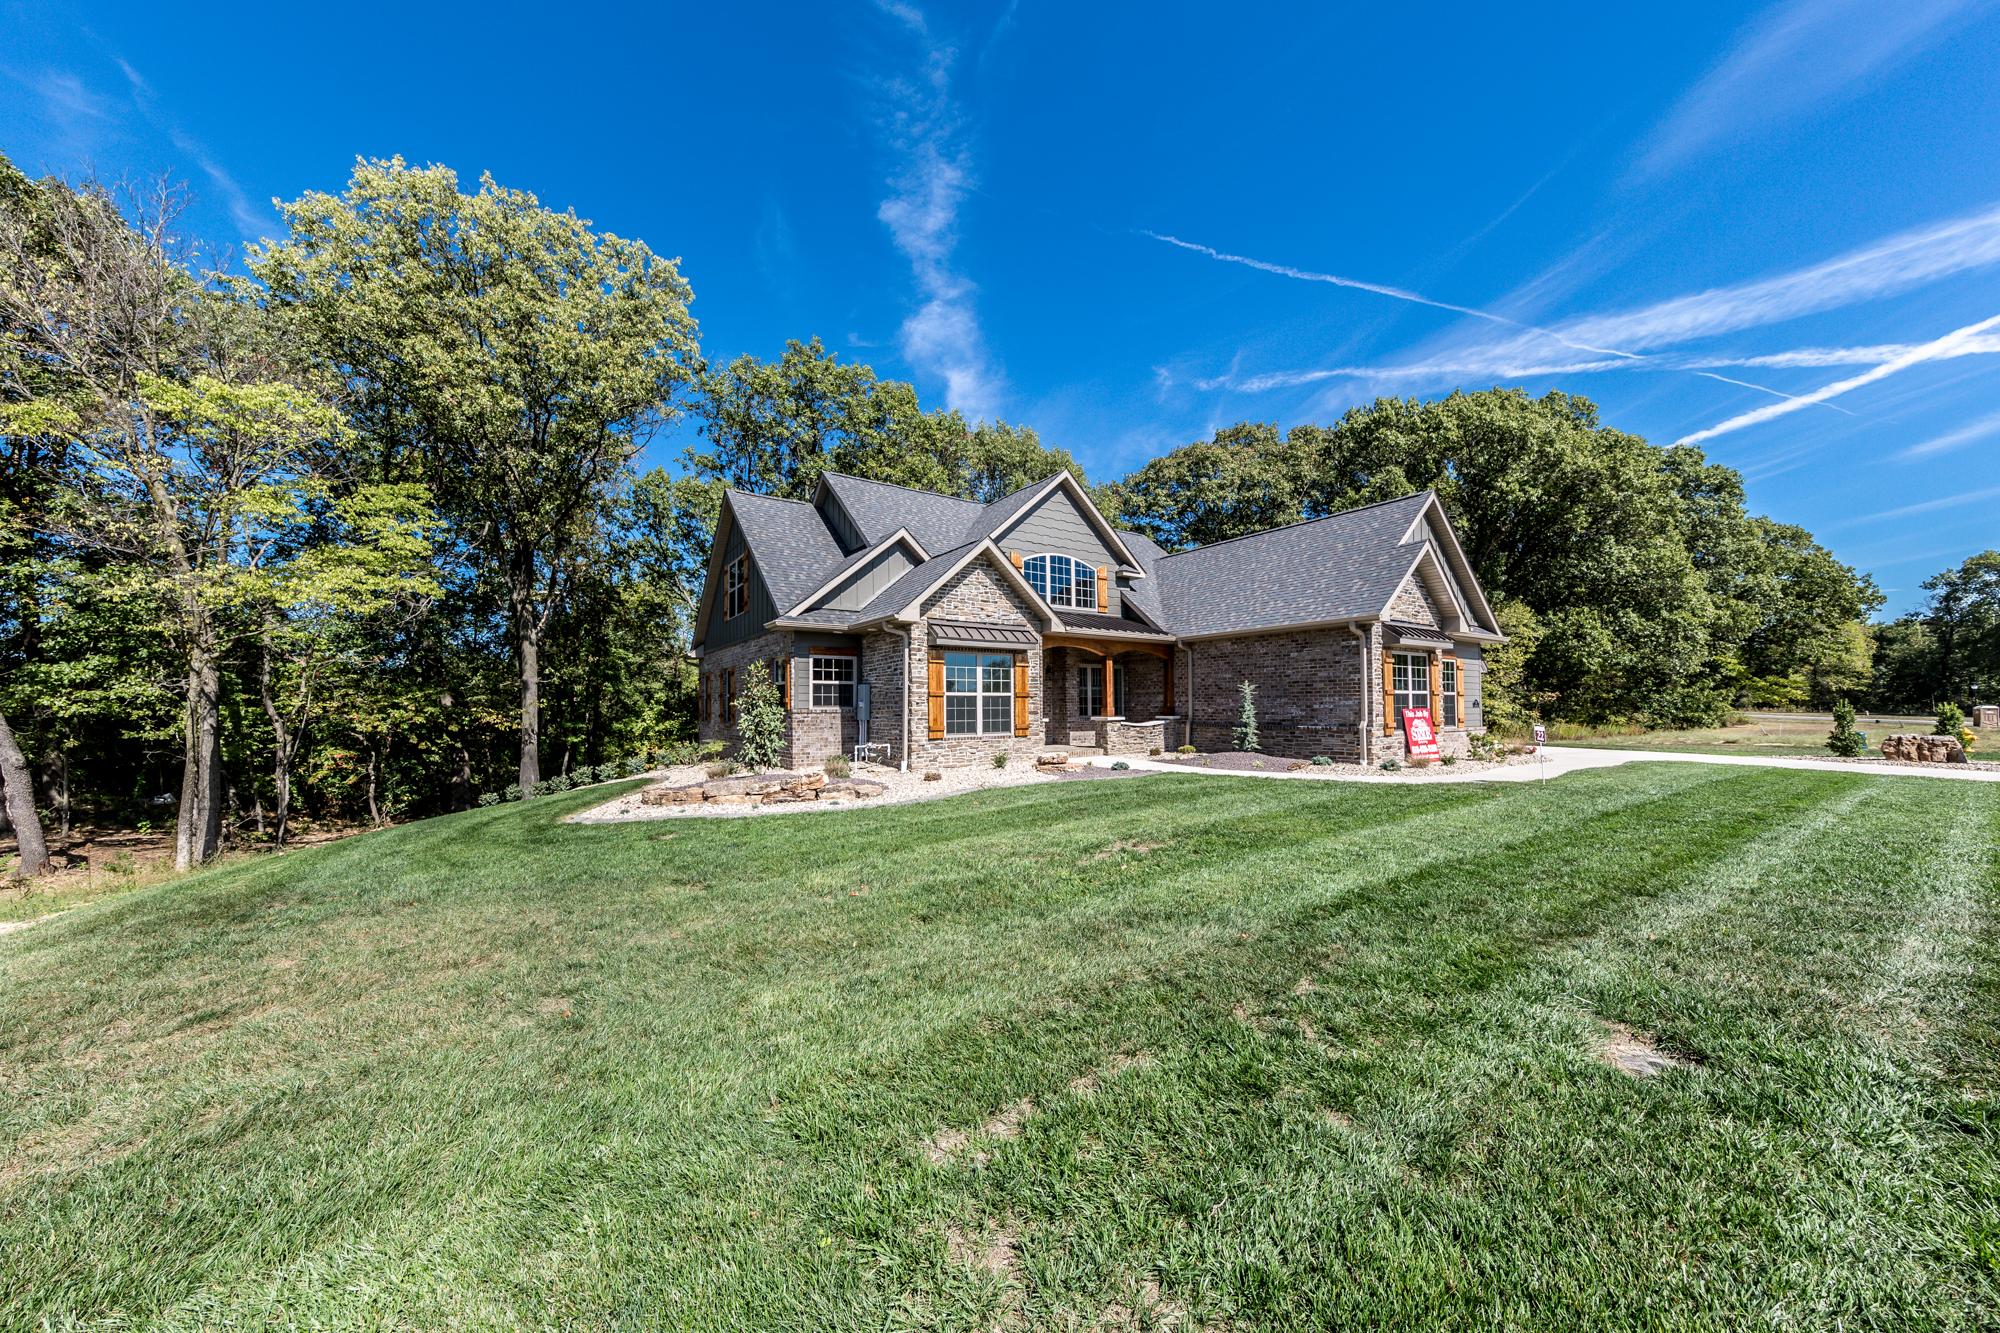 3-Scott-AFB-Real-Estate-For-Sale-O'Fallon-Illinois-62269-4.jpg